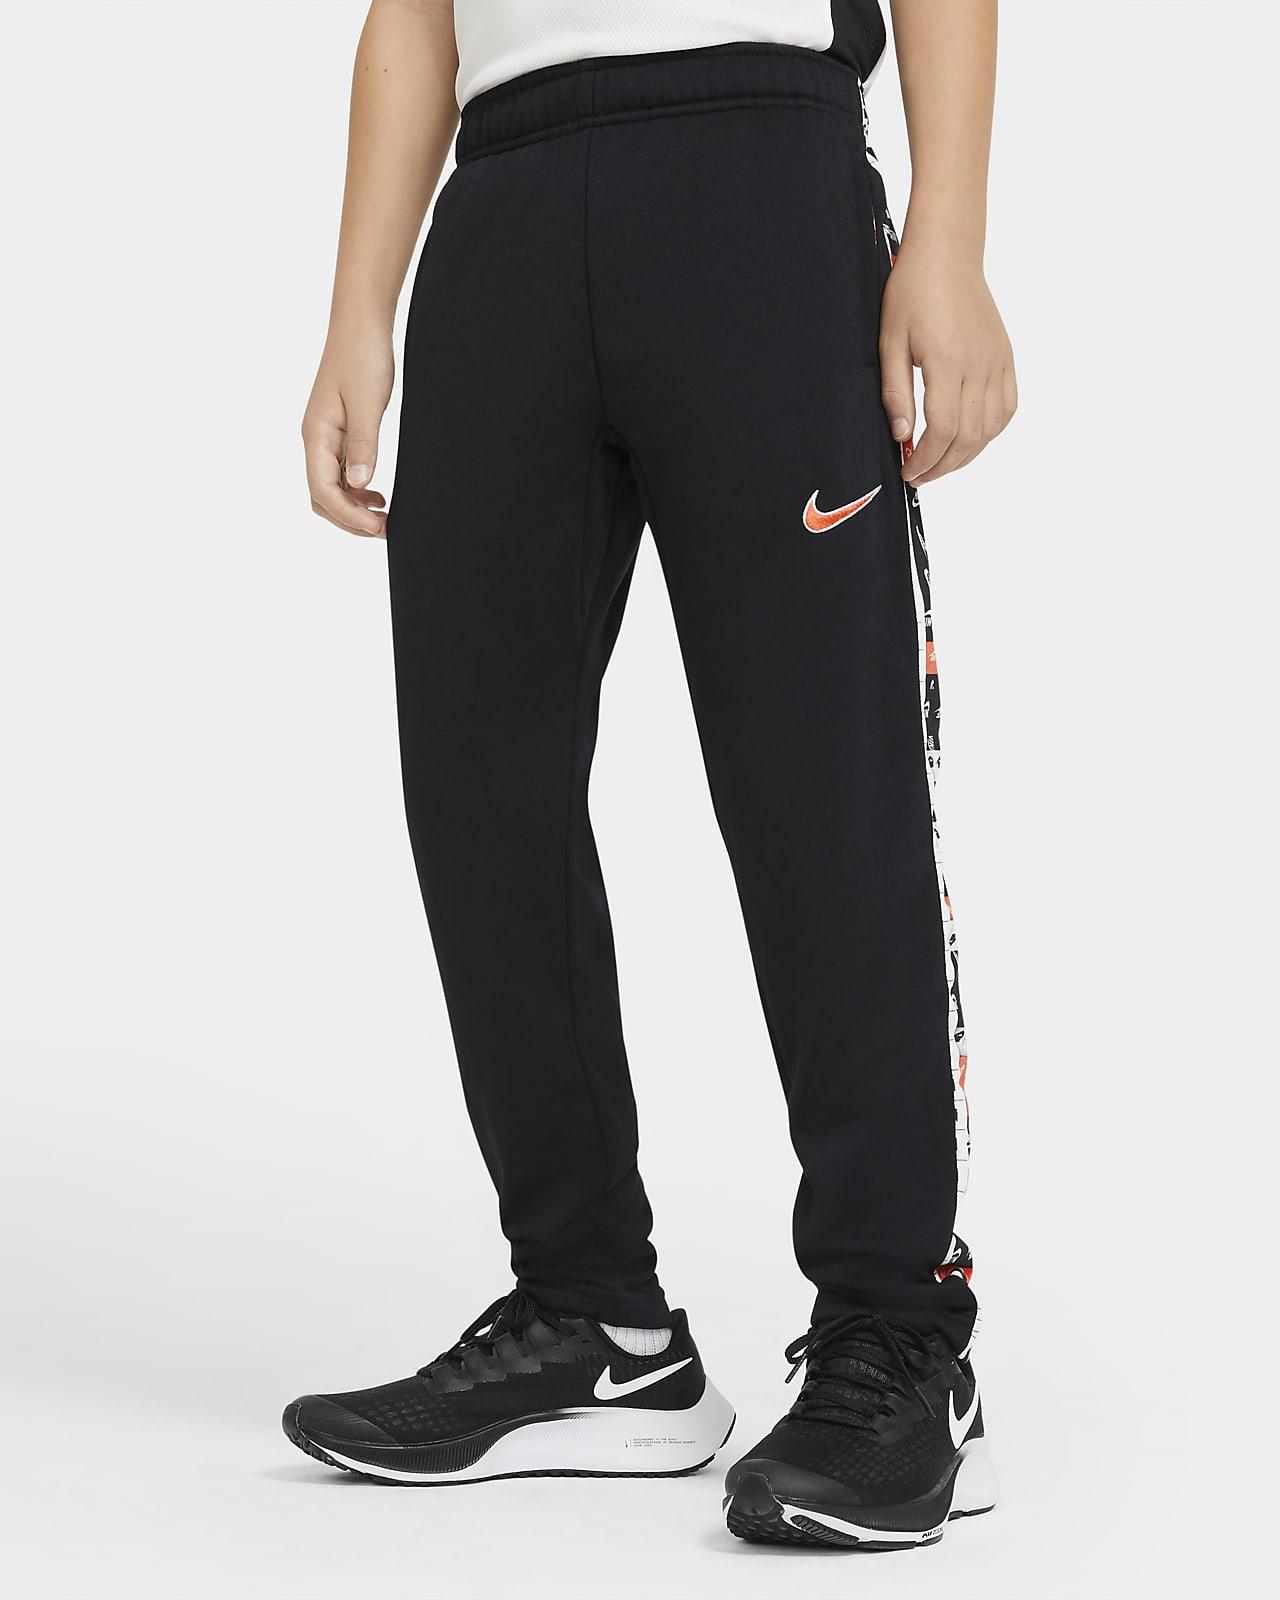 Pantalones de entrenamiento entallados con estampado para niños talla grande Nike Dri-FIT